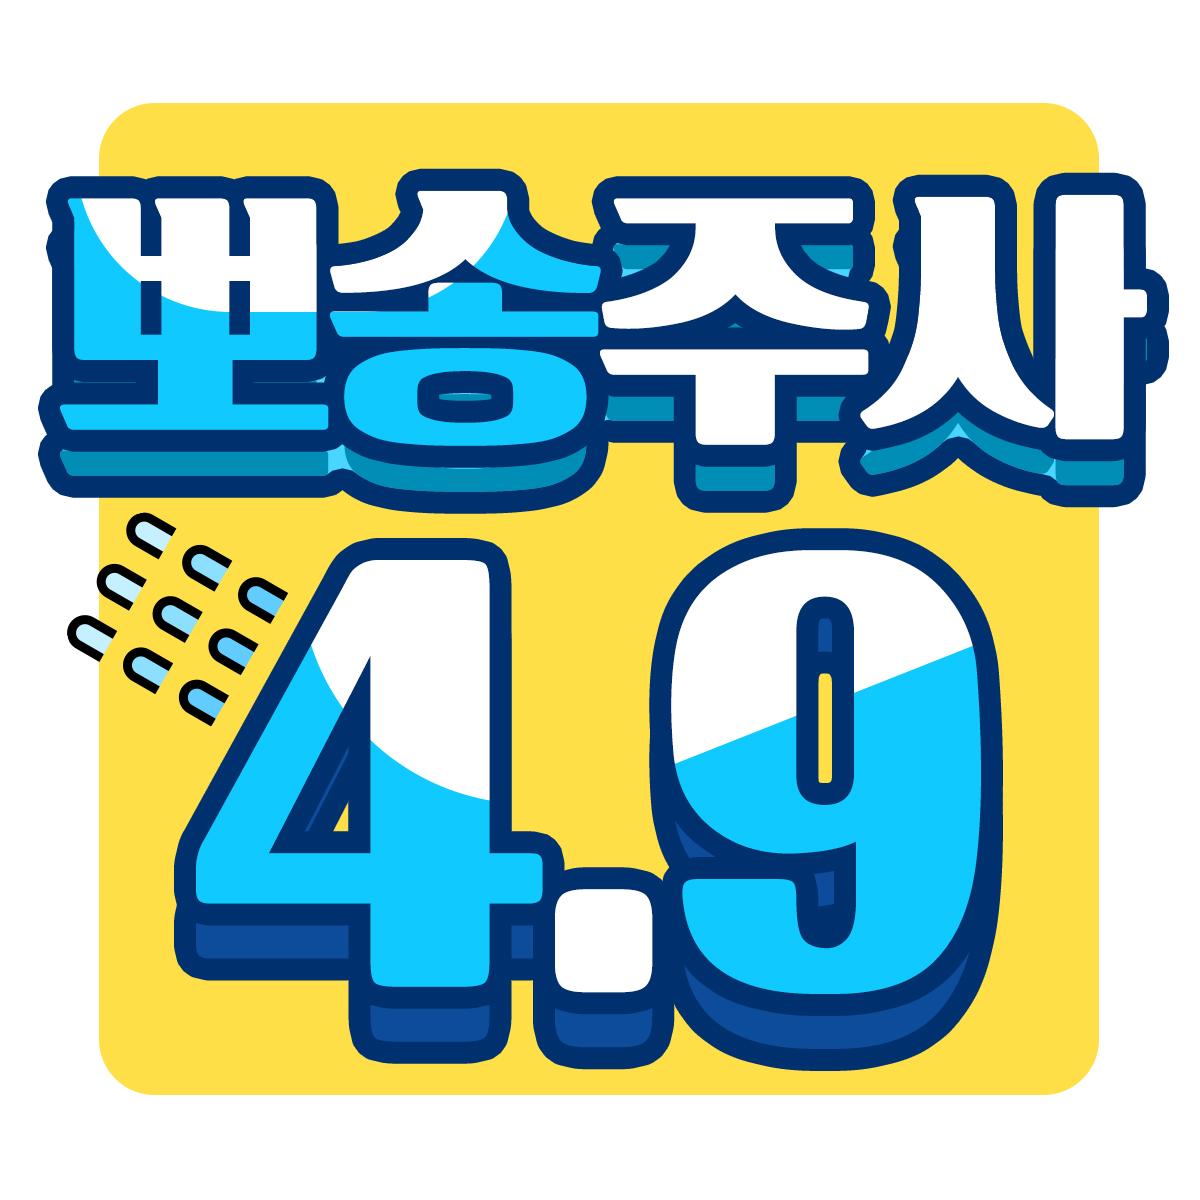 B2891bebeac82f5fca381a49f3726ec4